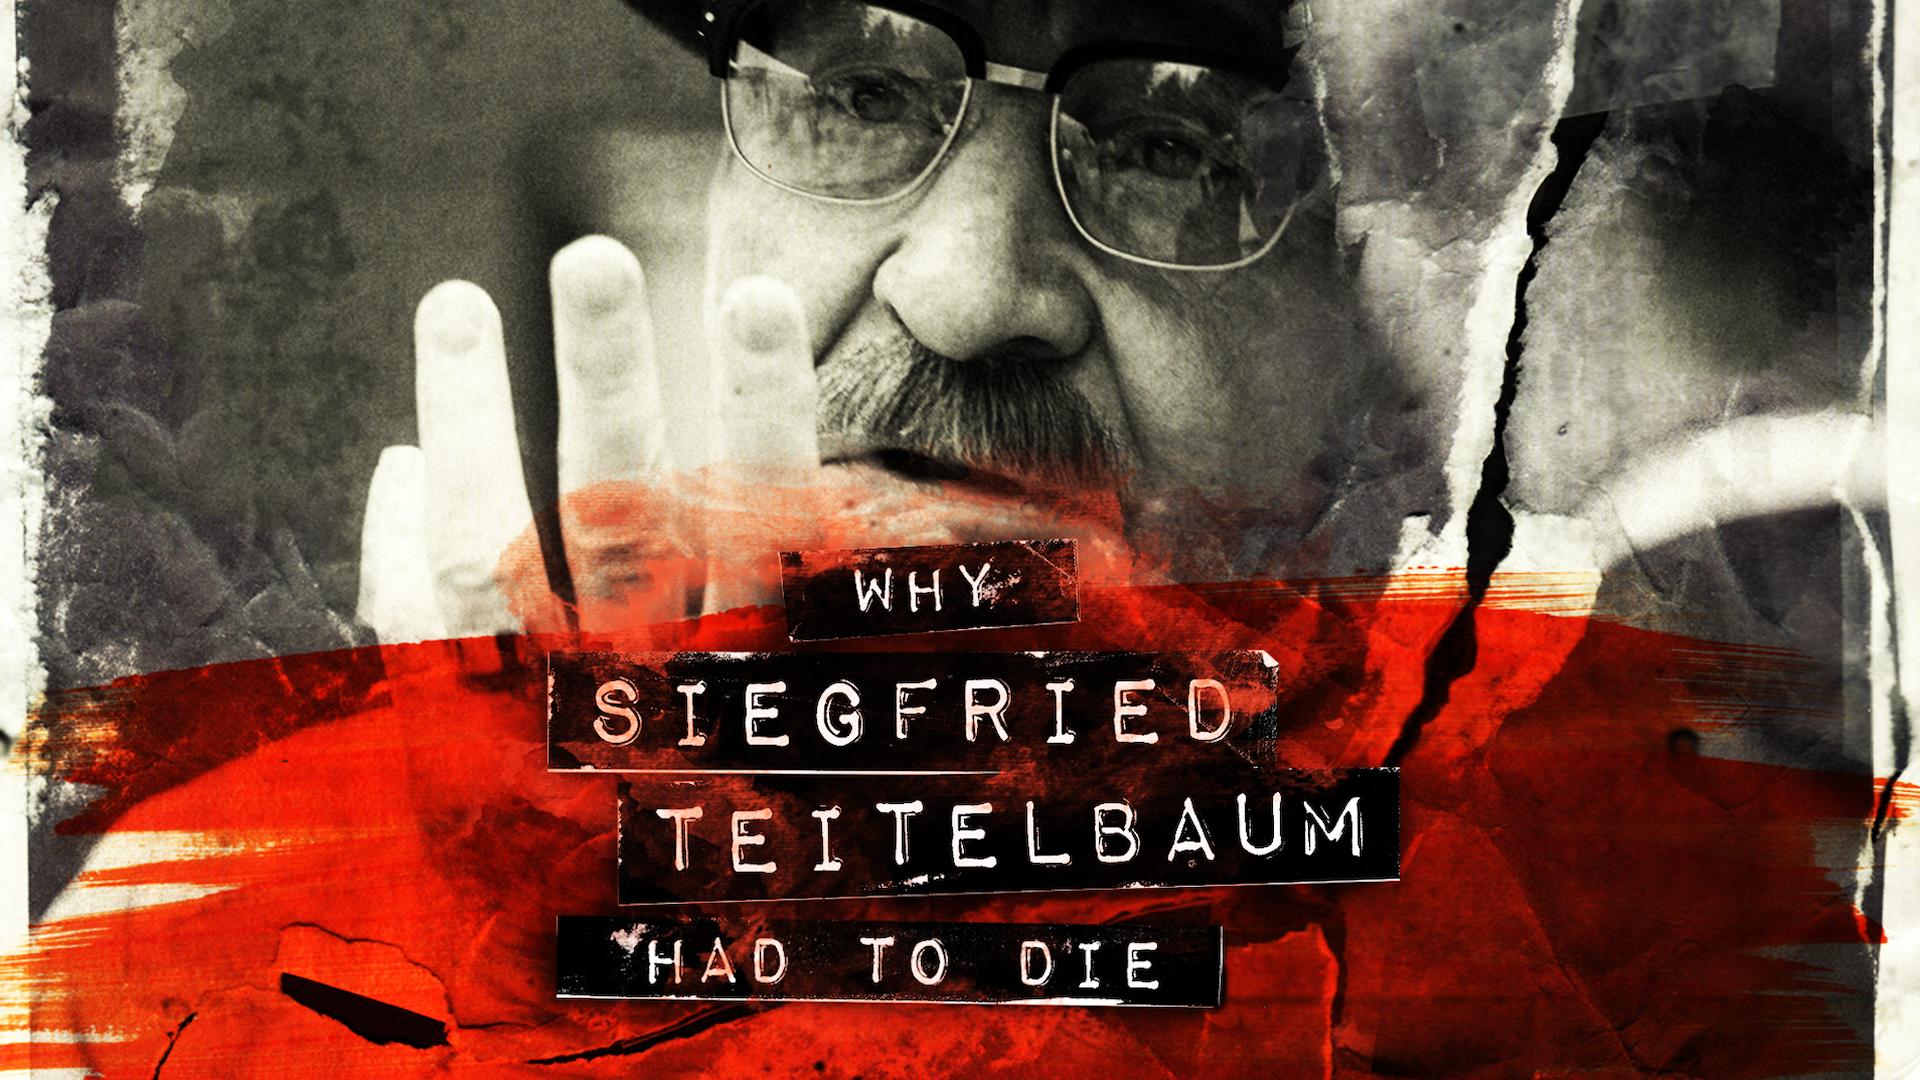 Siegfried Teitelbaum